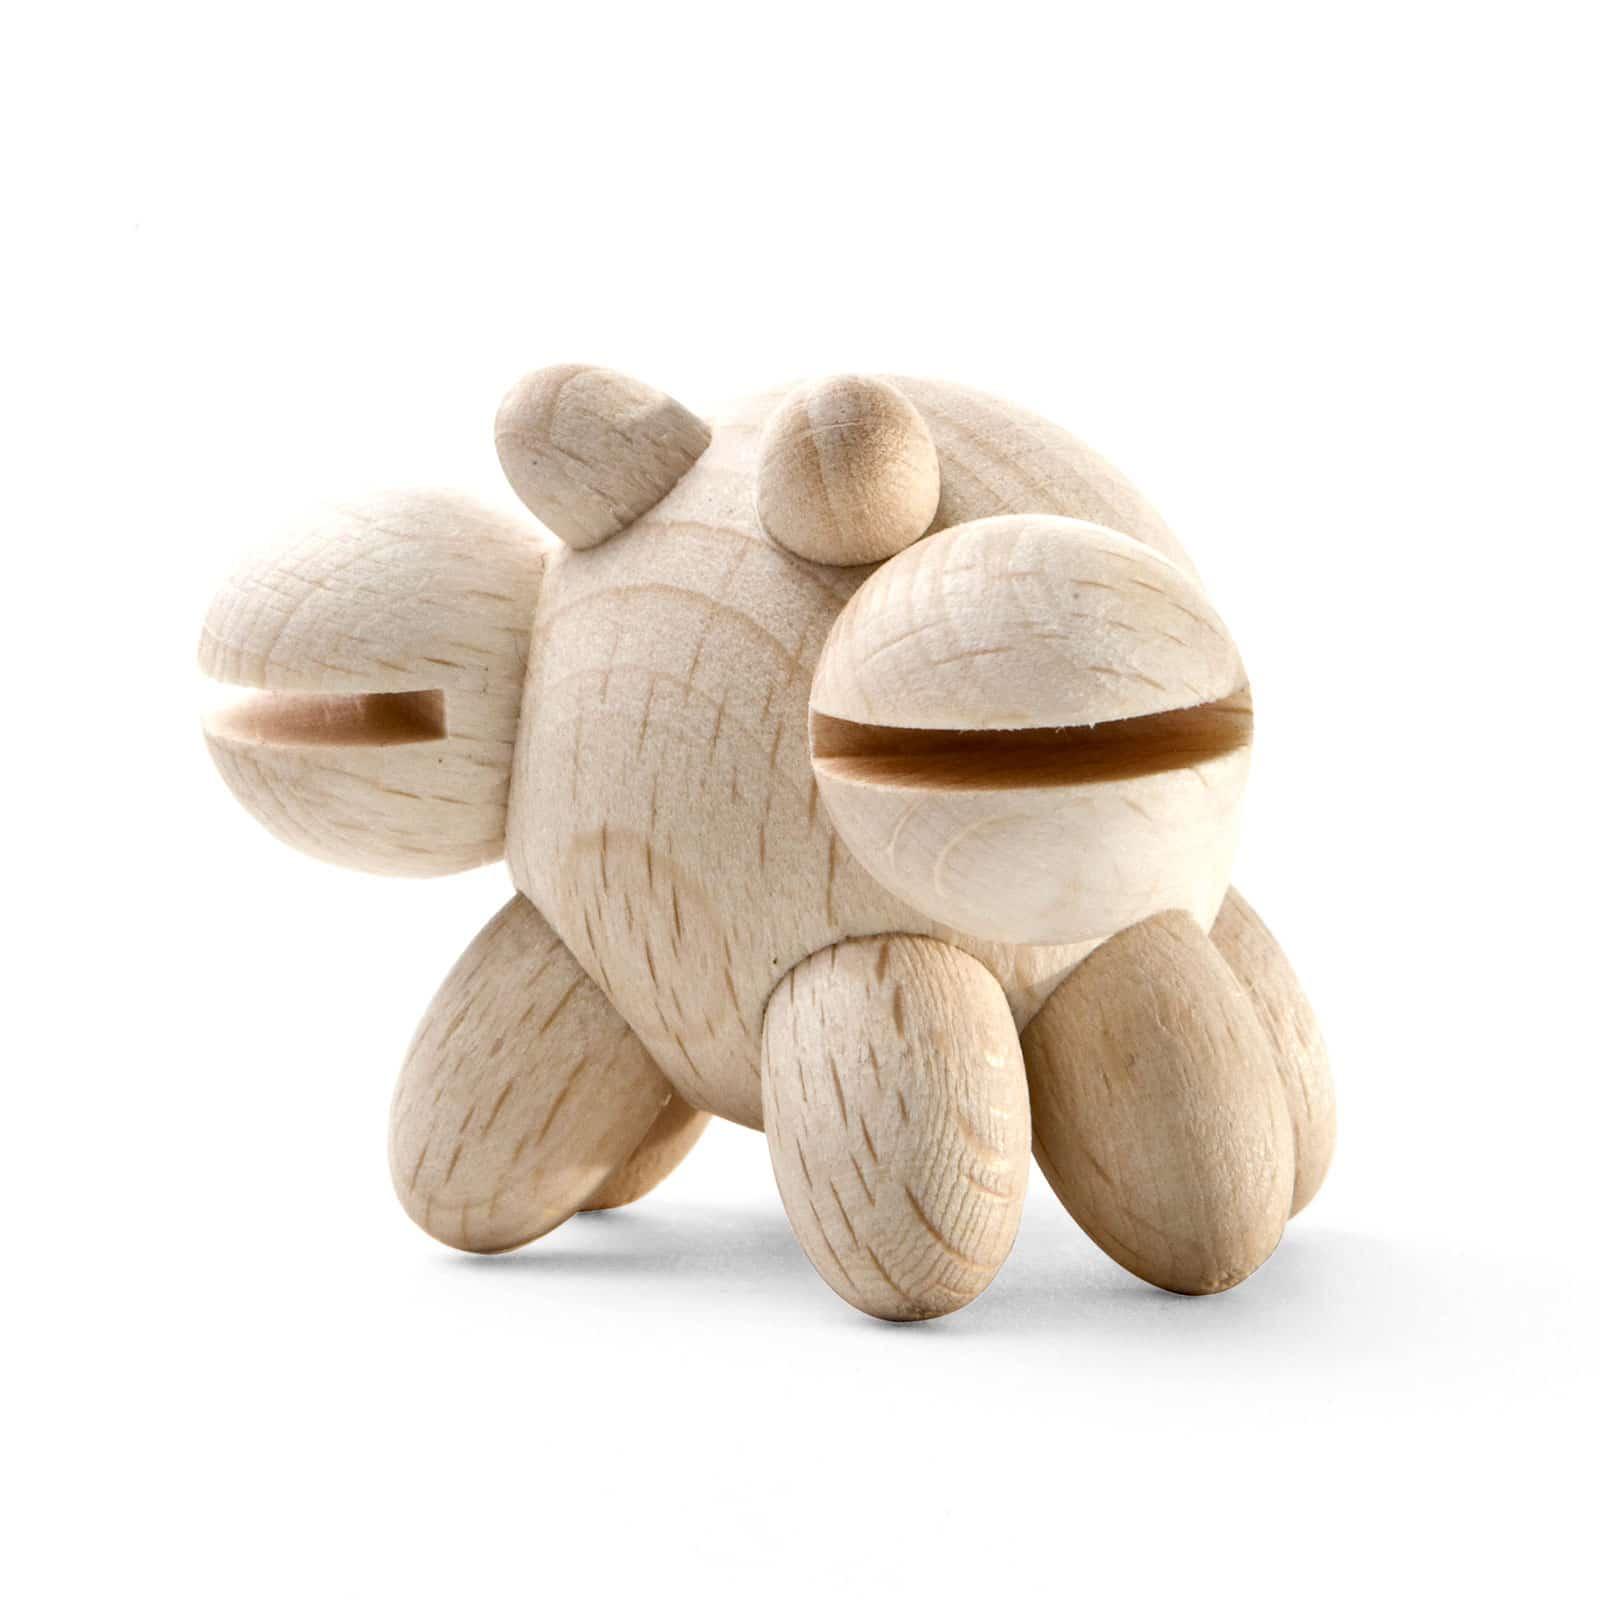 granchio in legno 01